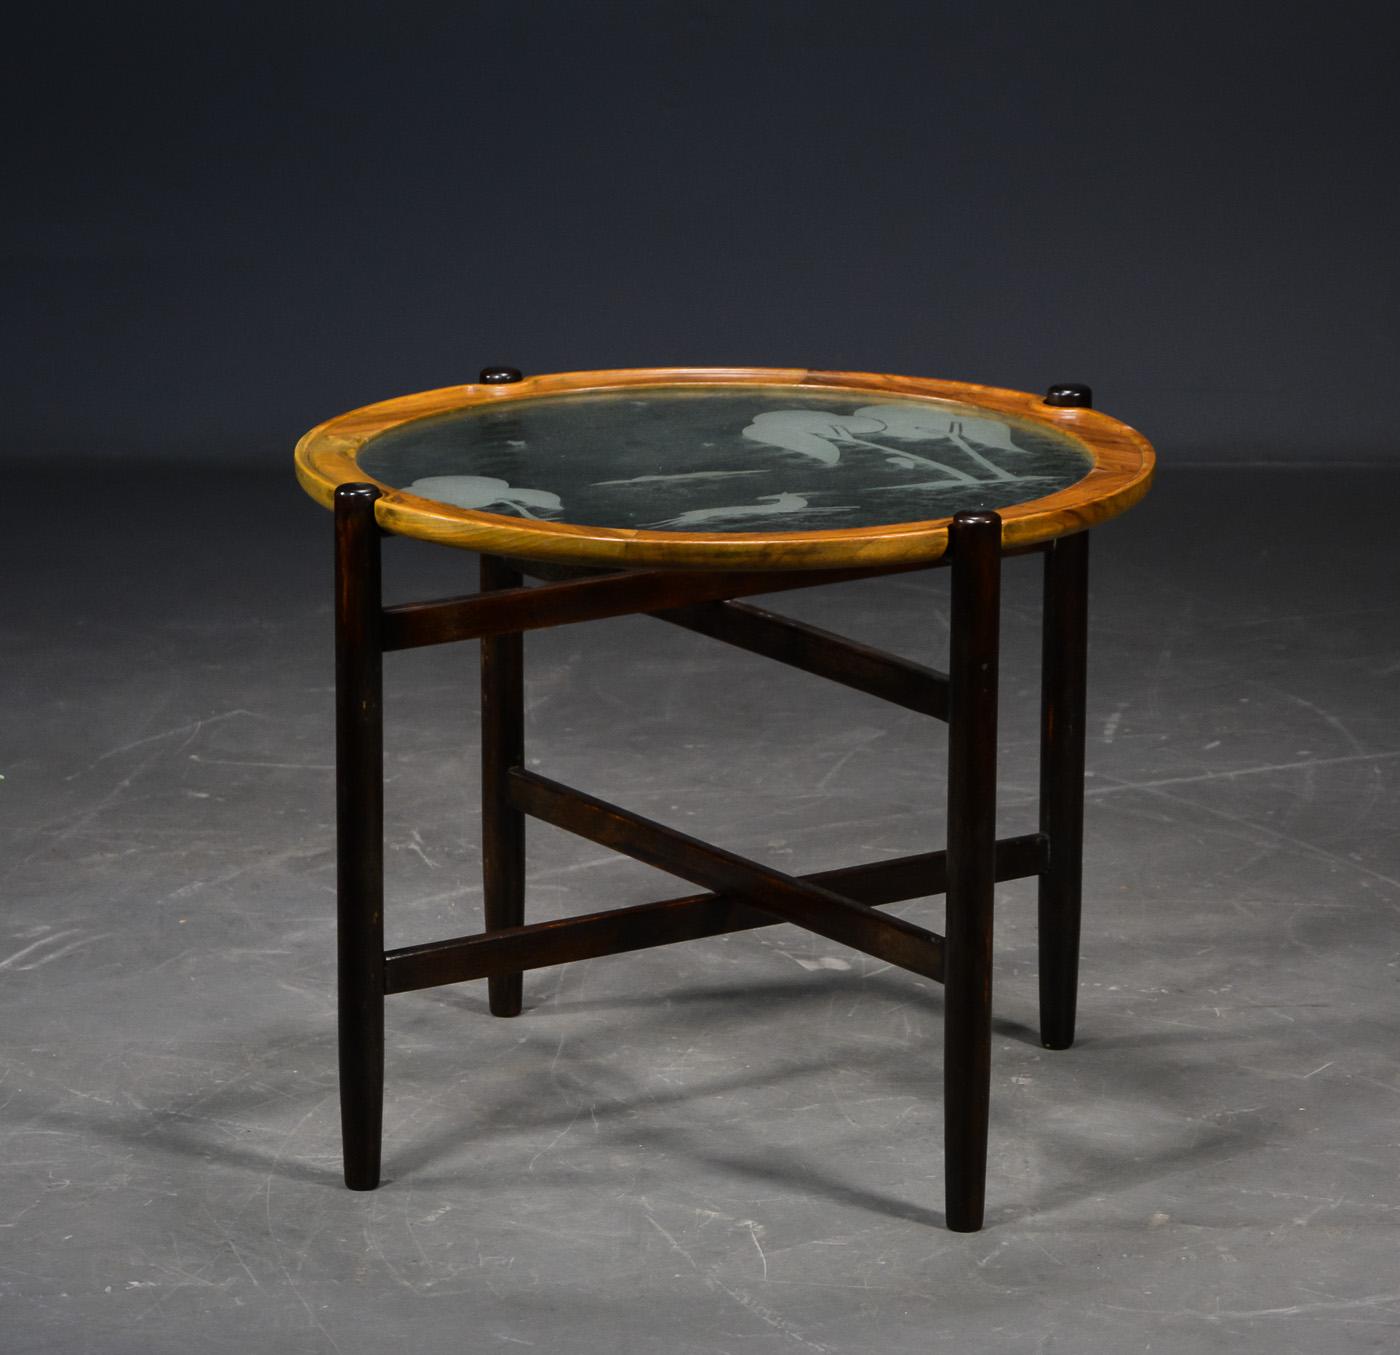 Art Deco sofabord med glasplade, ca. 1930 - Art Deco sofabord med glasplade, ca. 1930. Mørkbejdset foldeunderstel, bordpladeramme af massiv valnød. Glasplade med ætsede hjorte- og træmotiver. Alm. brugs- og alderspræg. Enkelte afslag på rammekant. H. 49. Ø. plade 60 cm